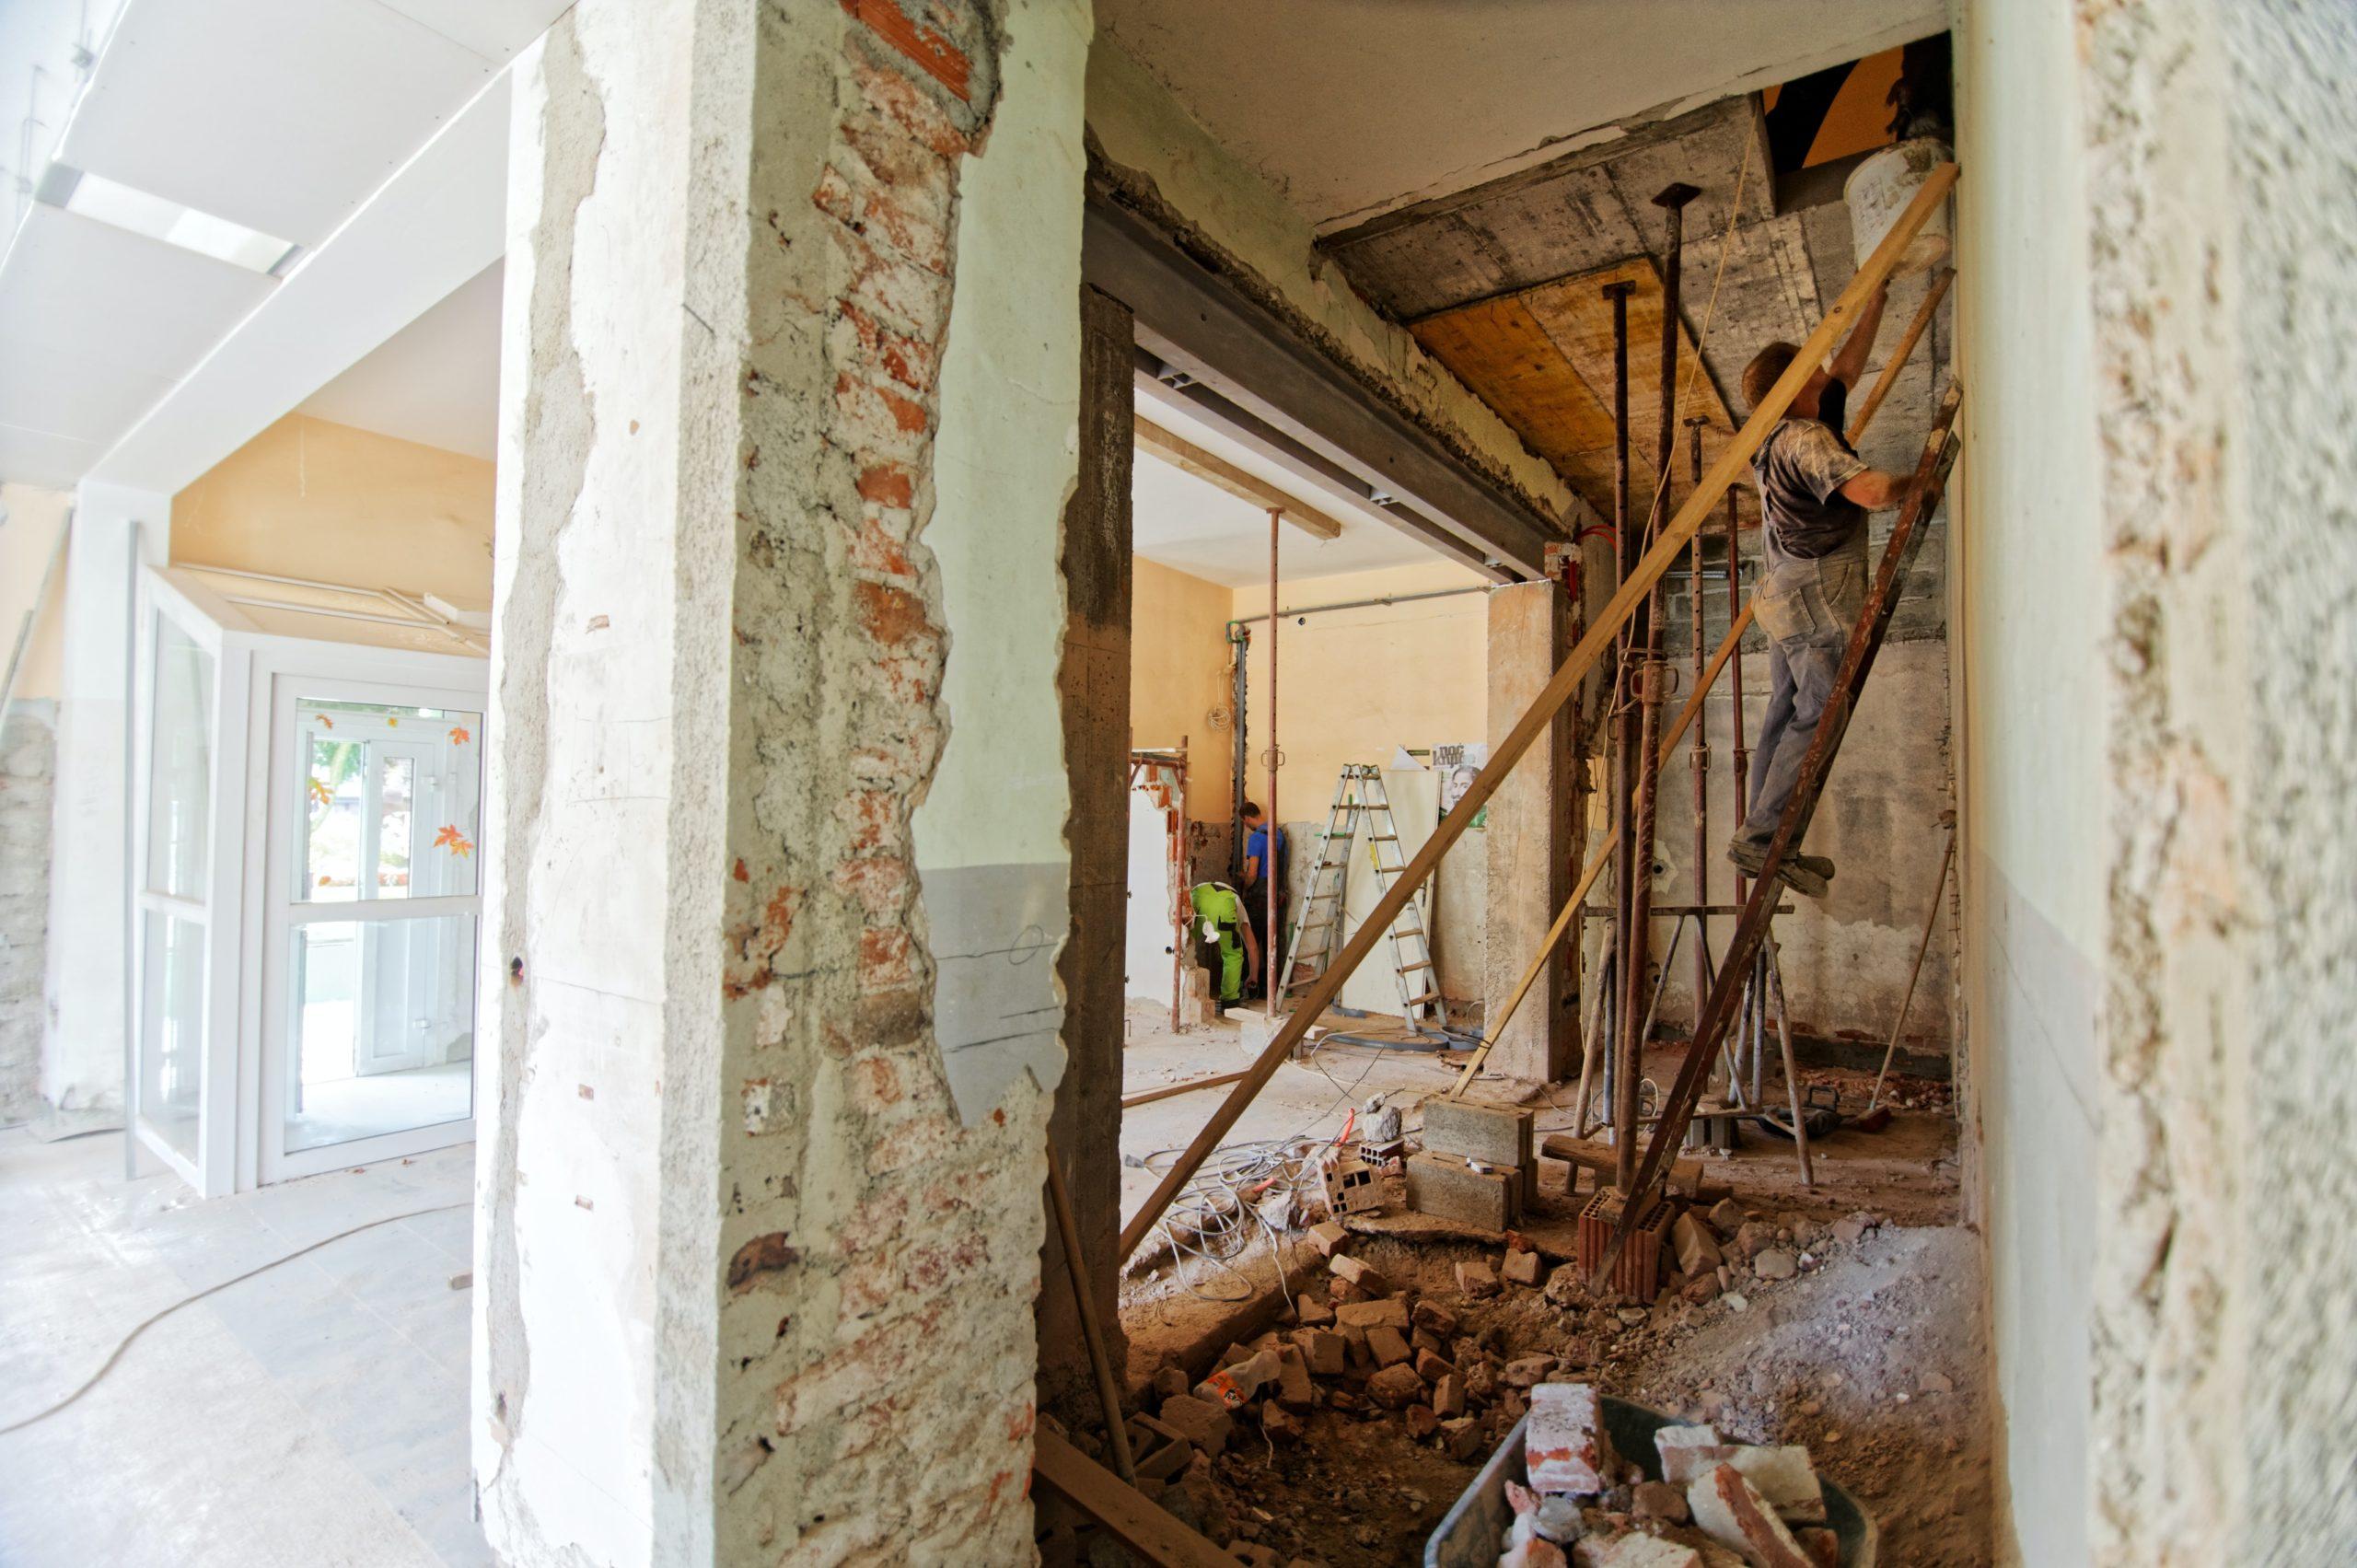 Près de 50 % de budget supplémentaire pour la rénovation énergétique des bâtiments